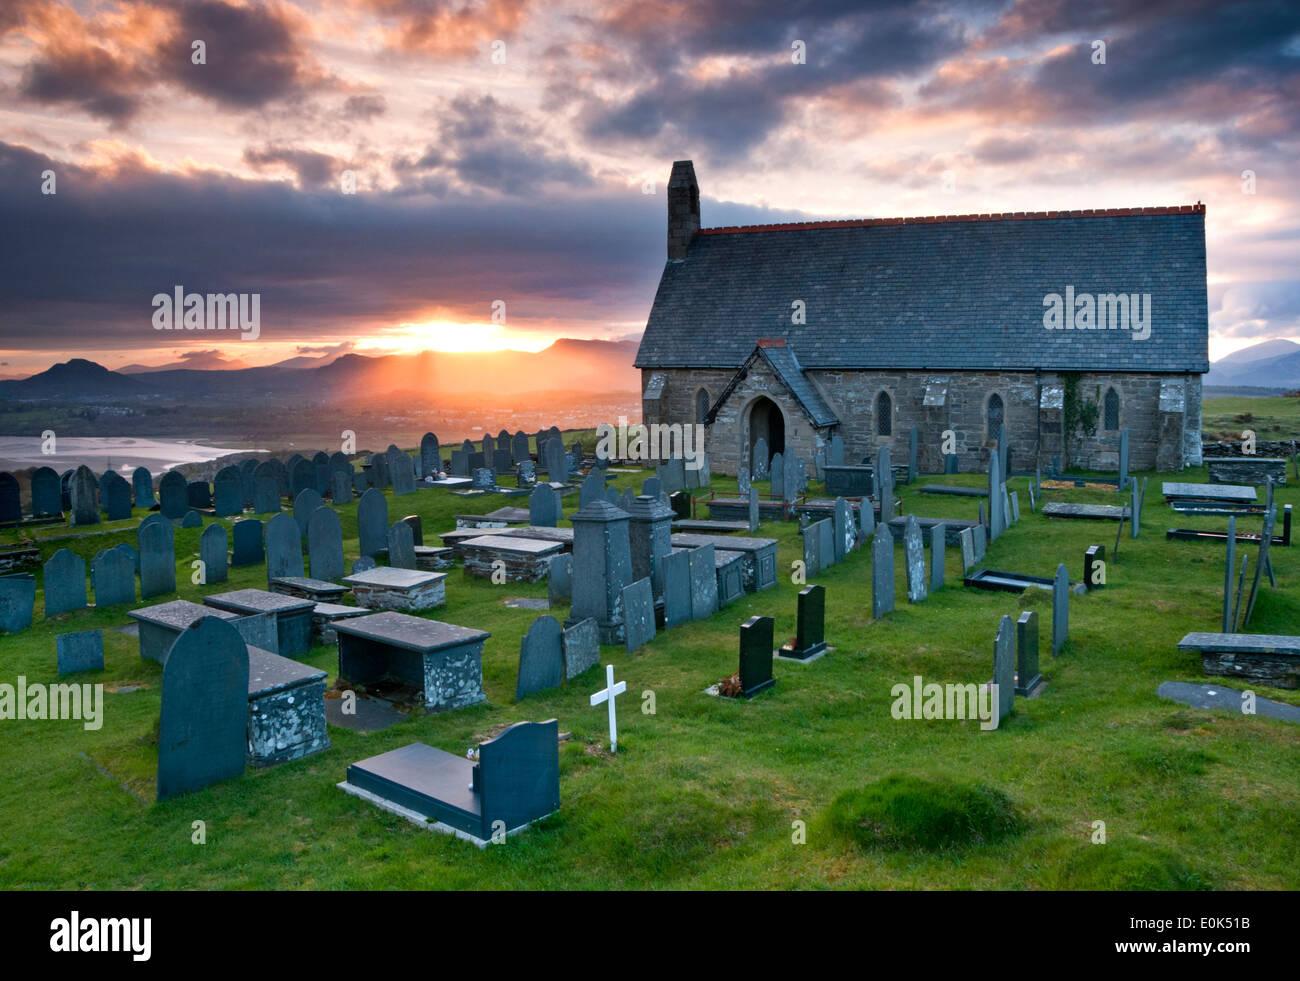 St Tecwyn's Church (Welsh: Eglwys Tecwyn Sant), Llandecwyn, Gwynedd, Wales, UK - Stock Image